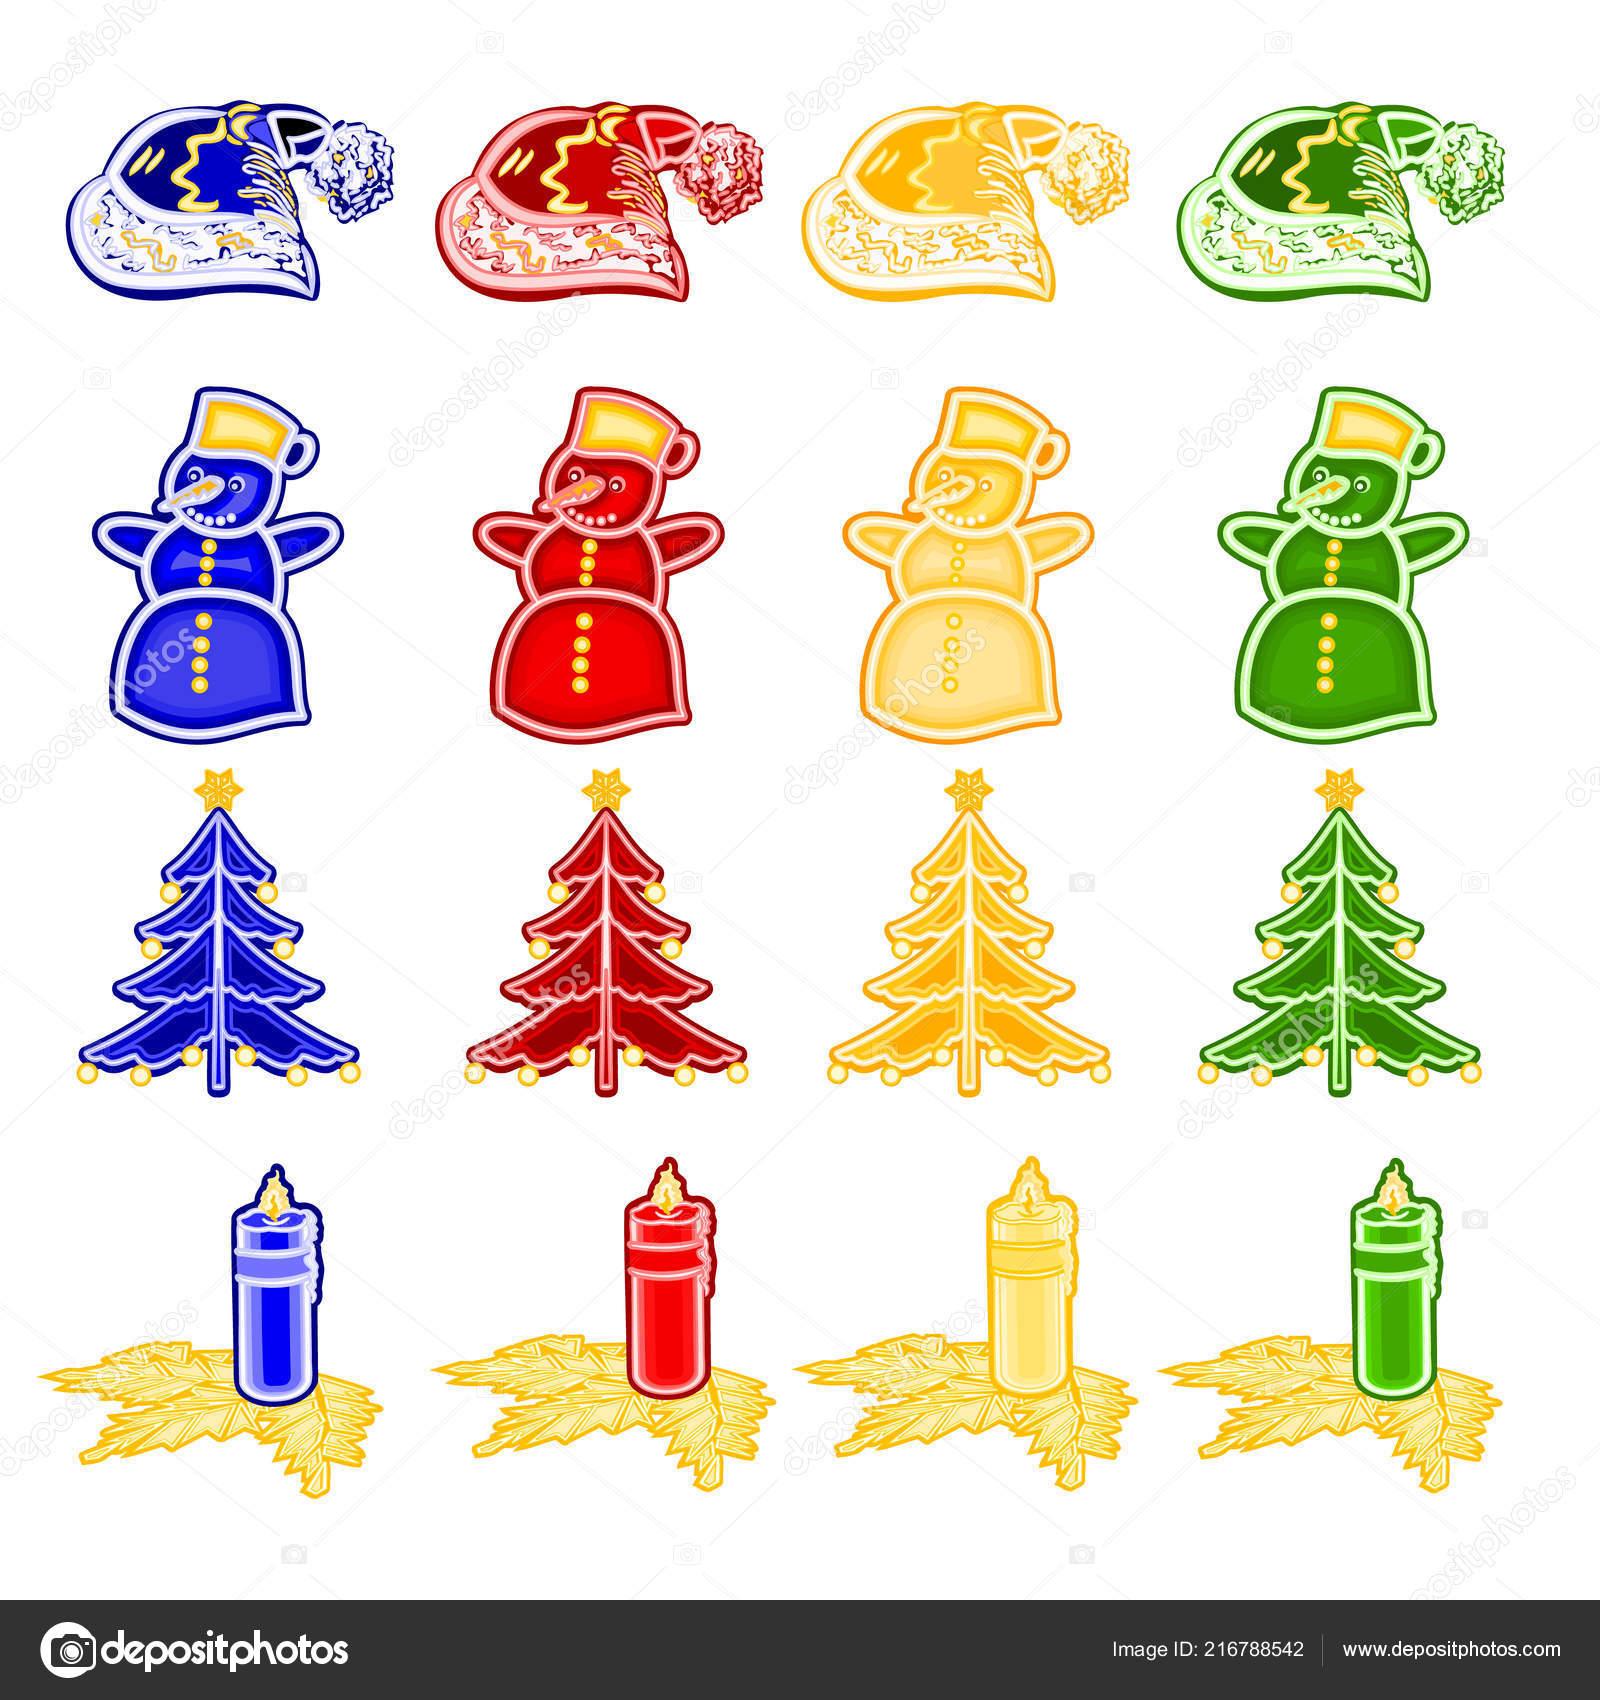 Weihnachtsbaum Kerzenhalter.Weihnachten Und Neujahr Dekoration Mit Christbaumschmuck Als Fayence